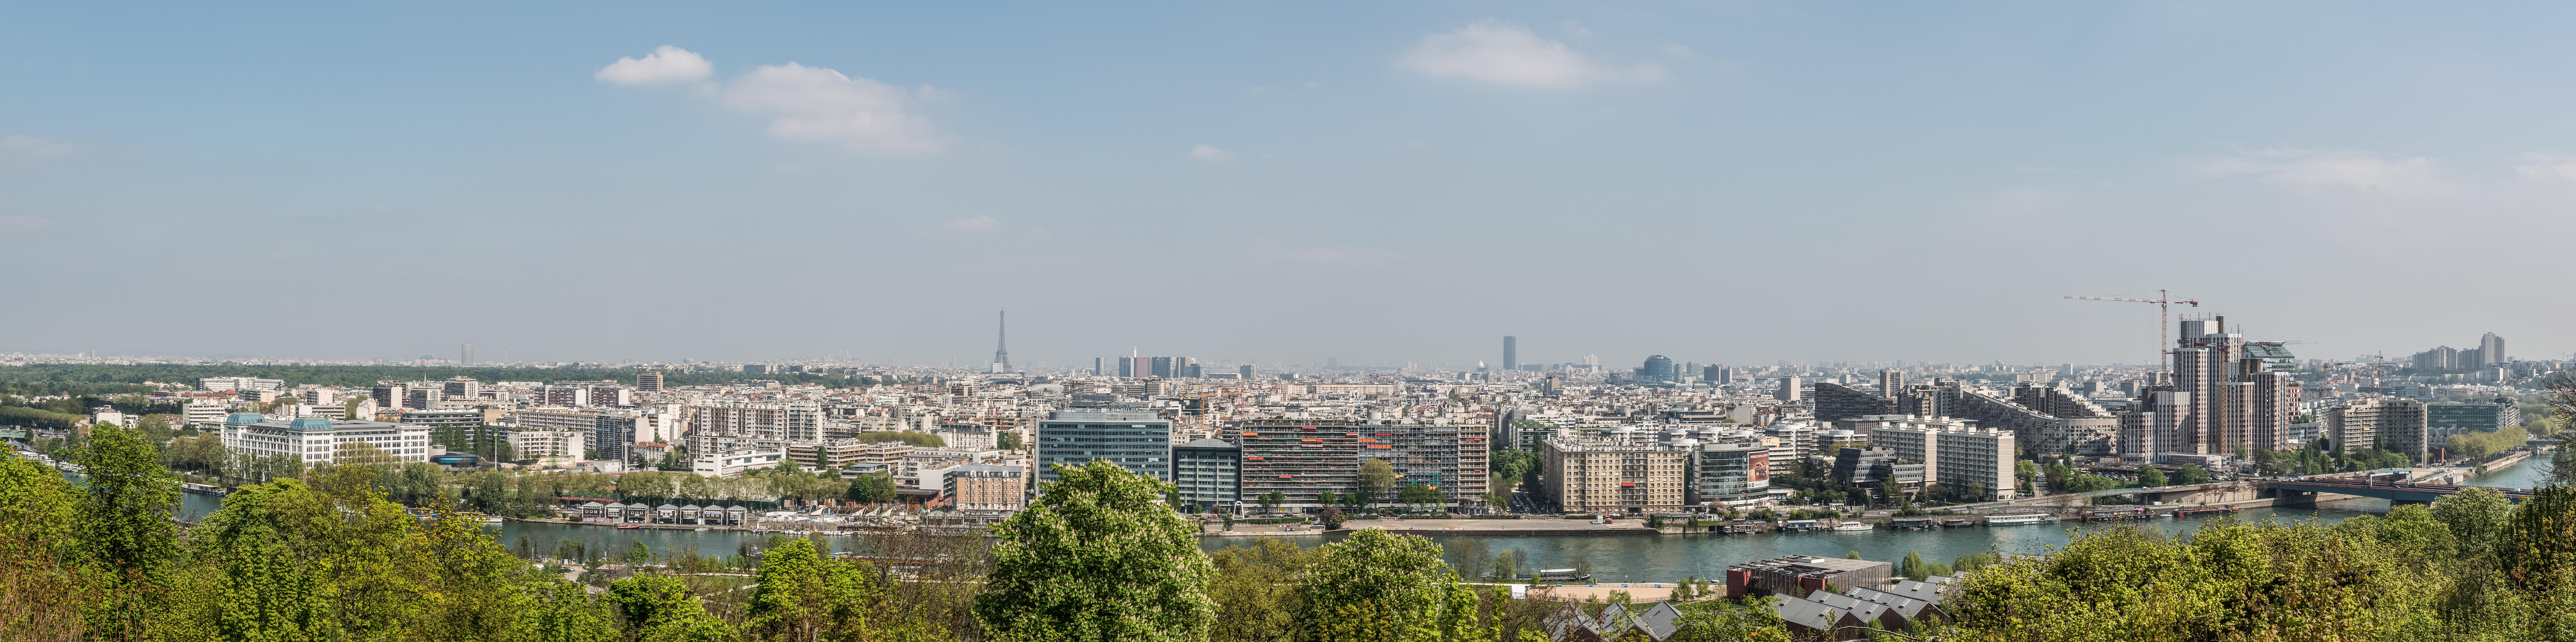 Bureaux à louer à Boulogne-Billancourt, Paris